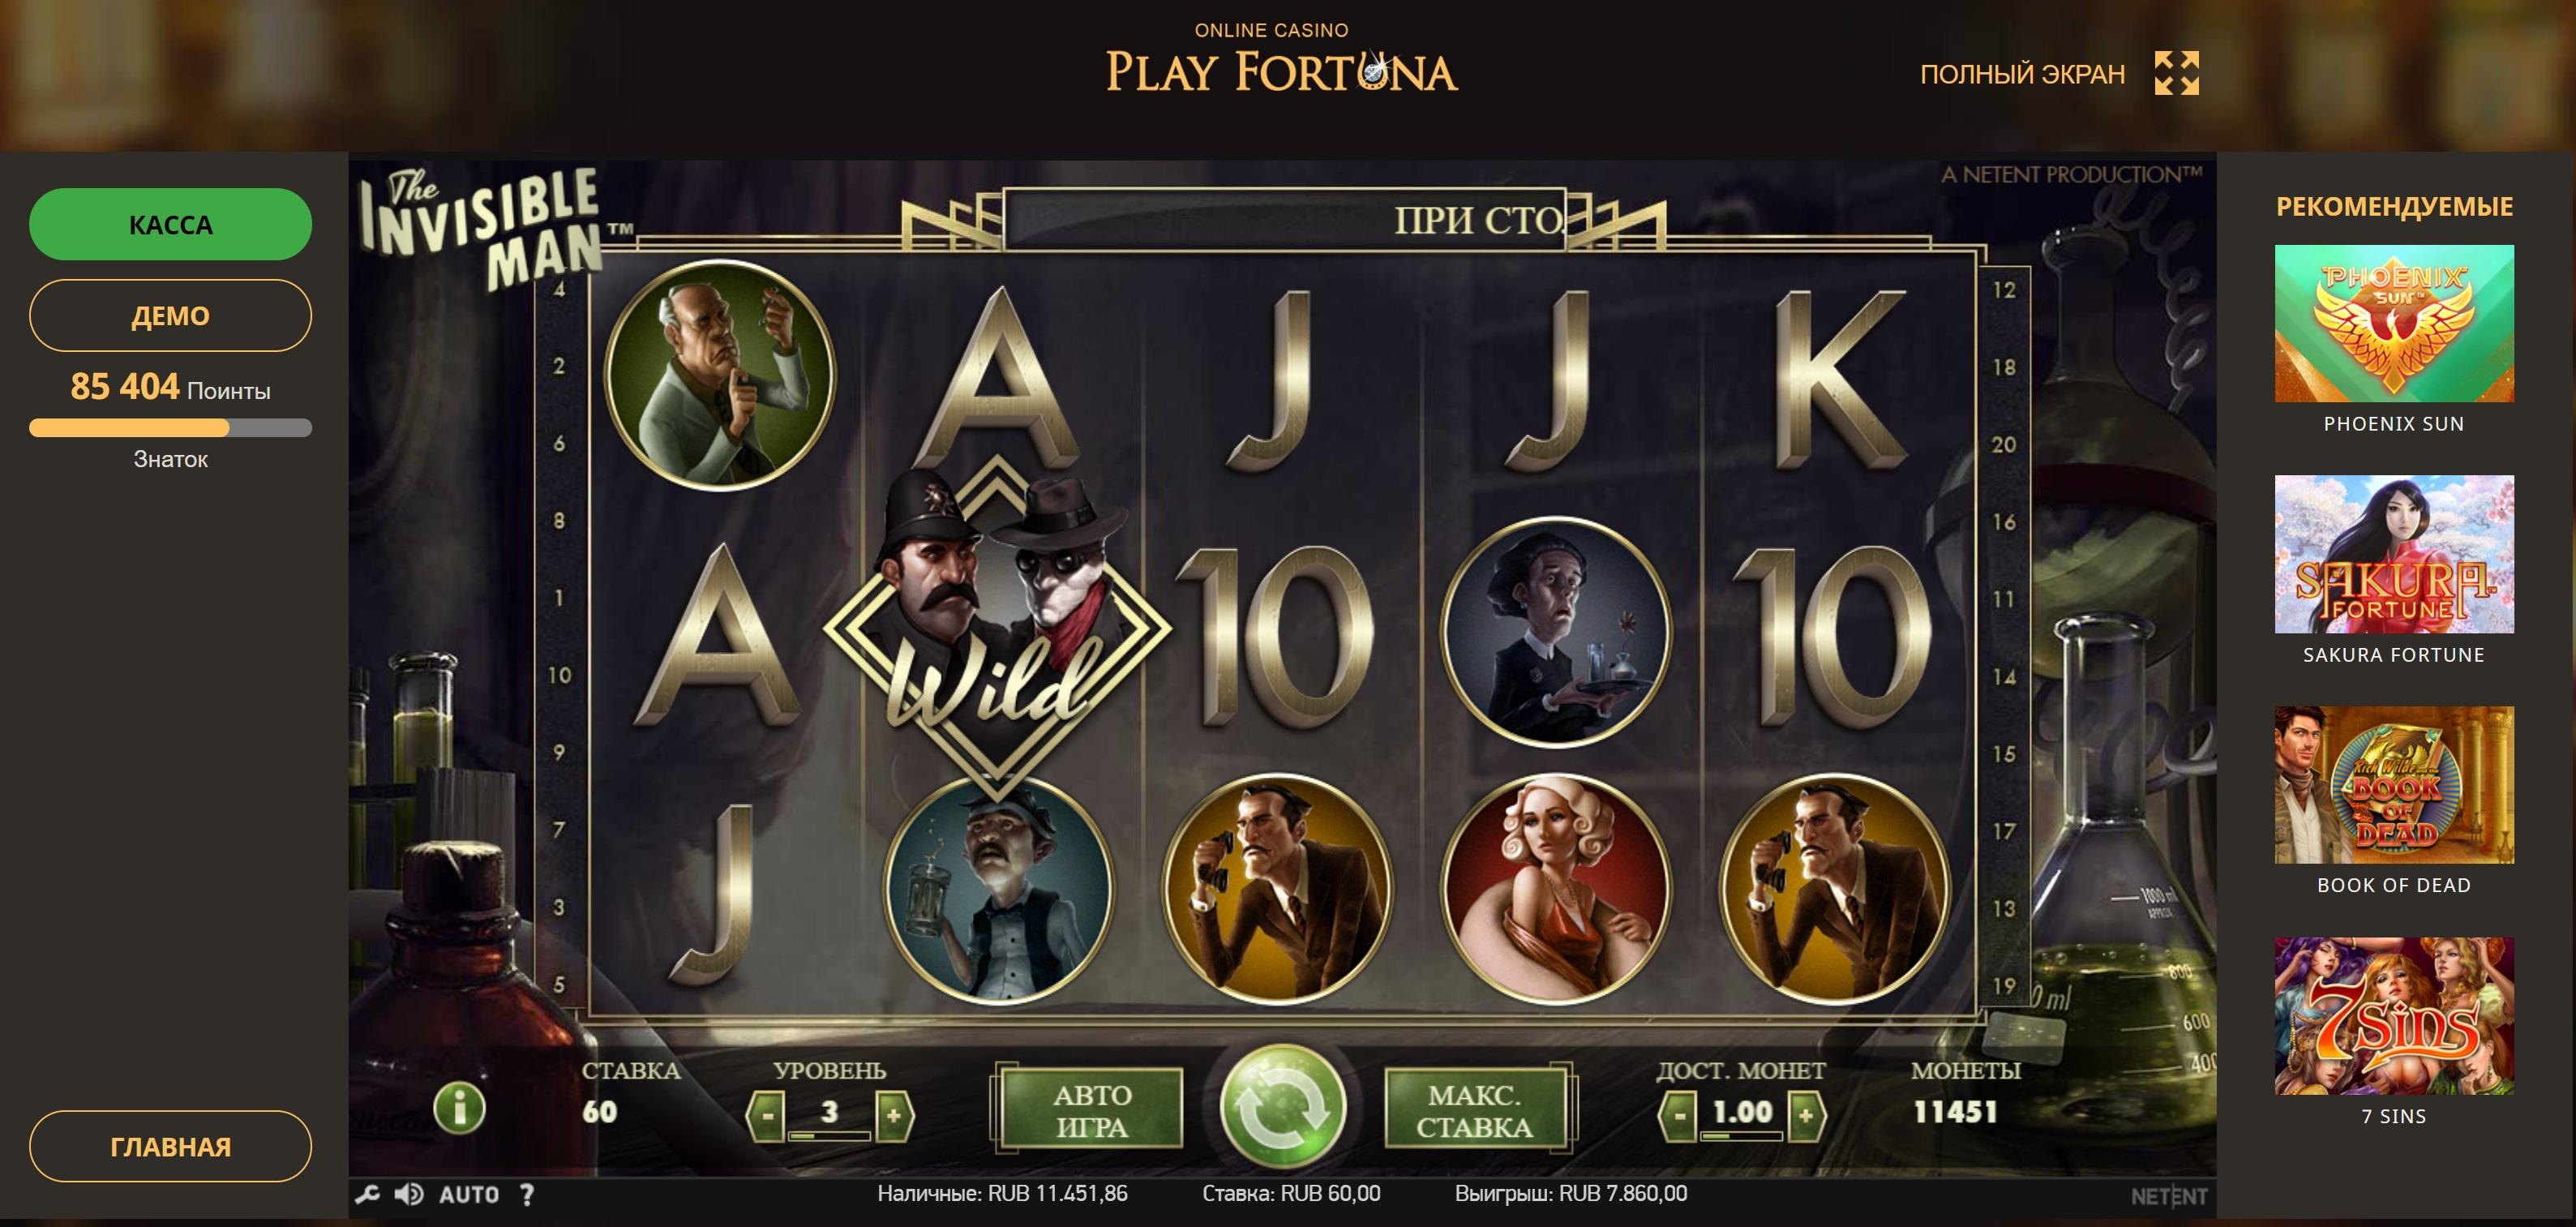 казино плей фортуна онлайн играть бесплатно